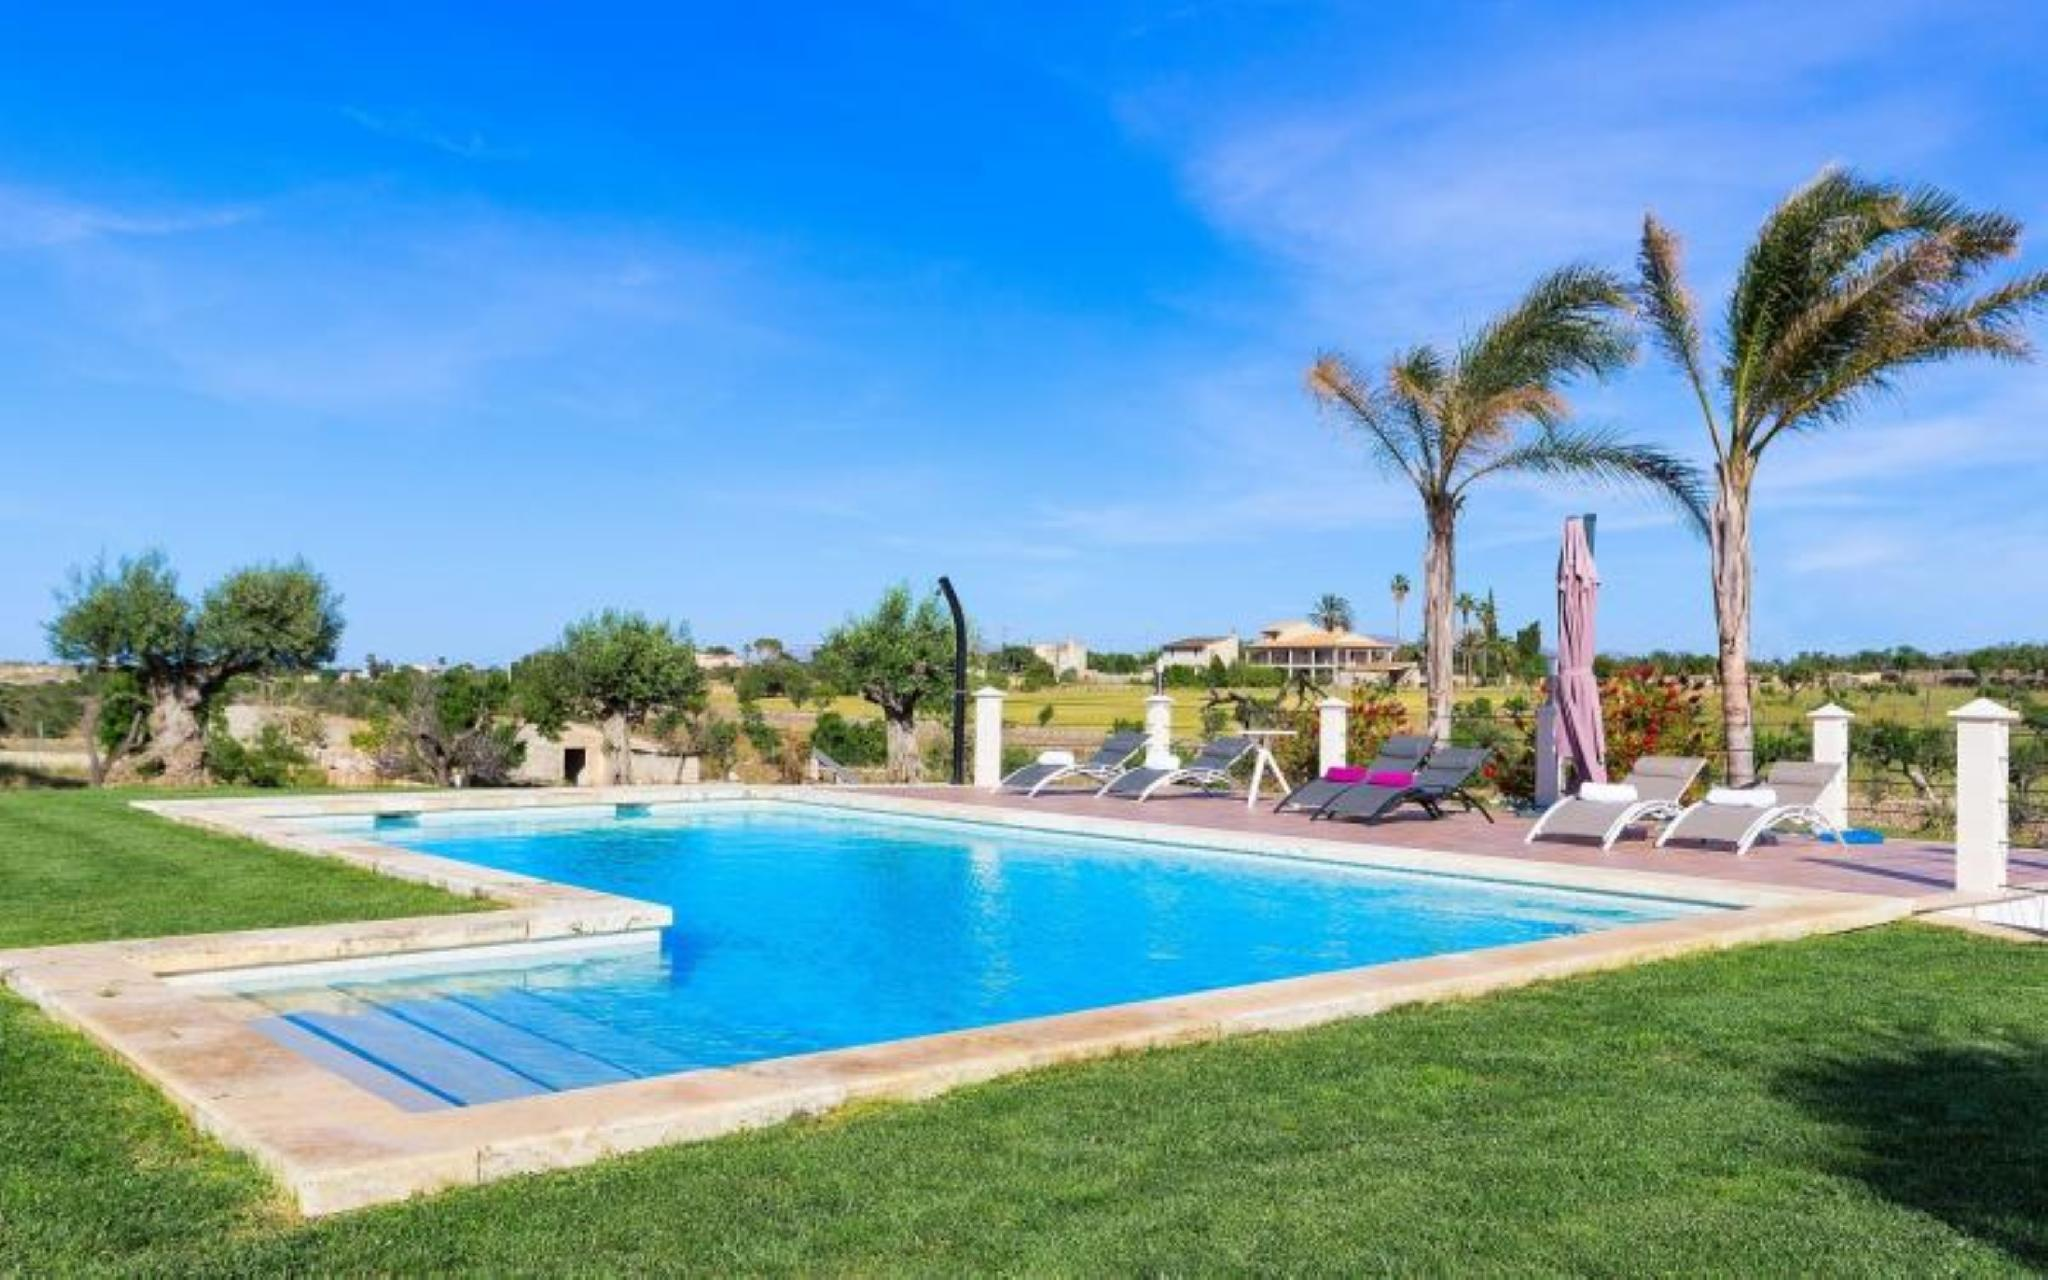 106044 -  Villa in Santa Margalida